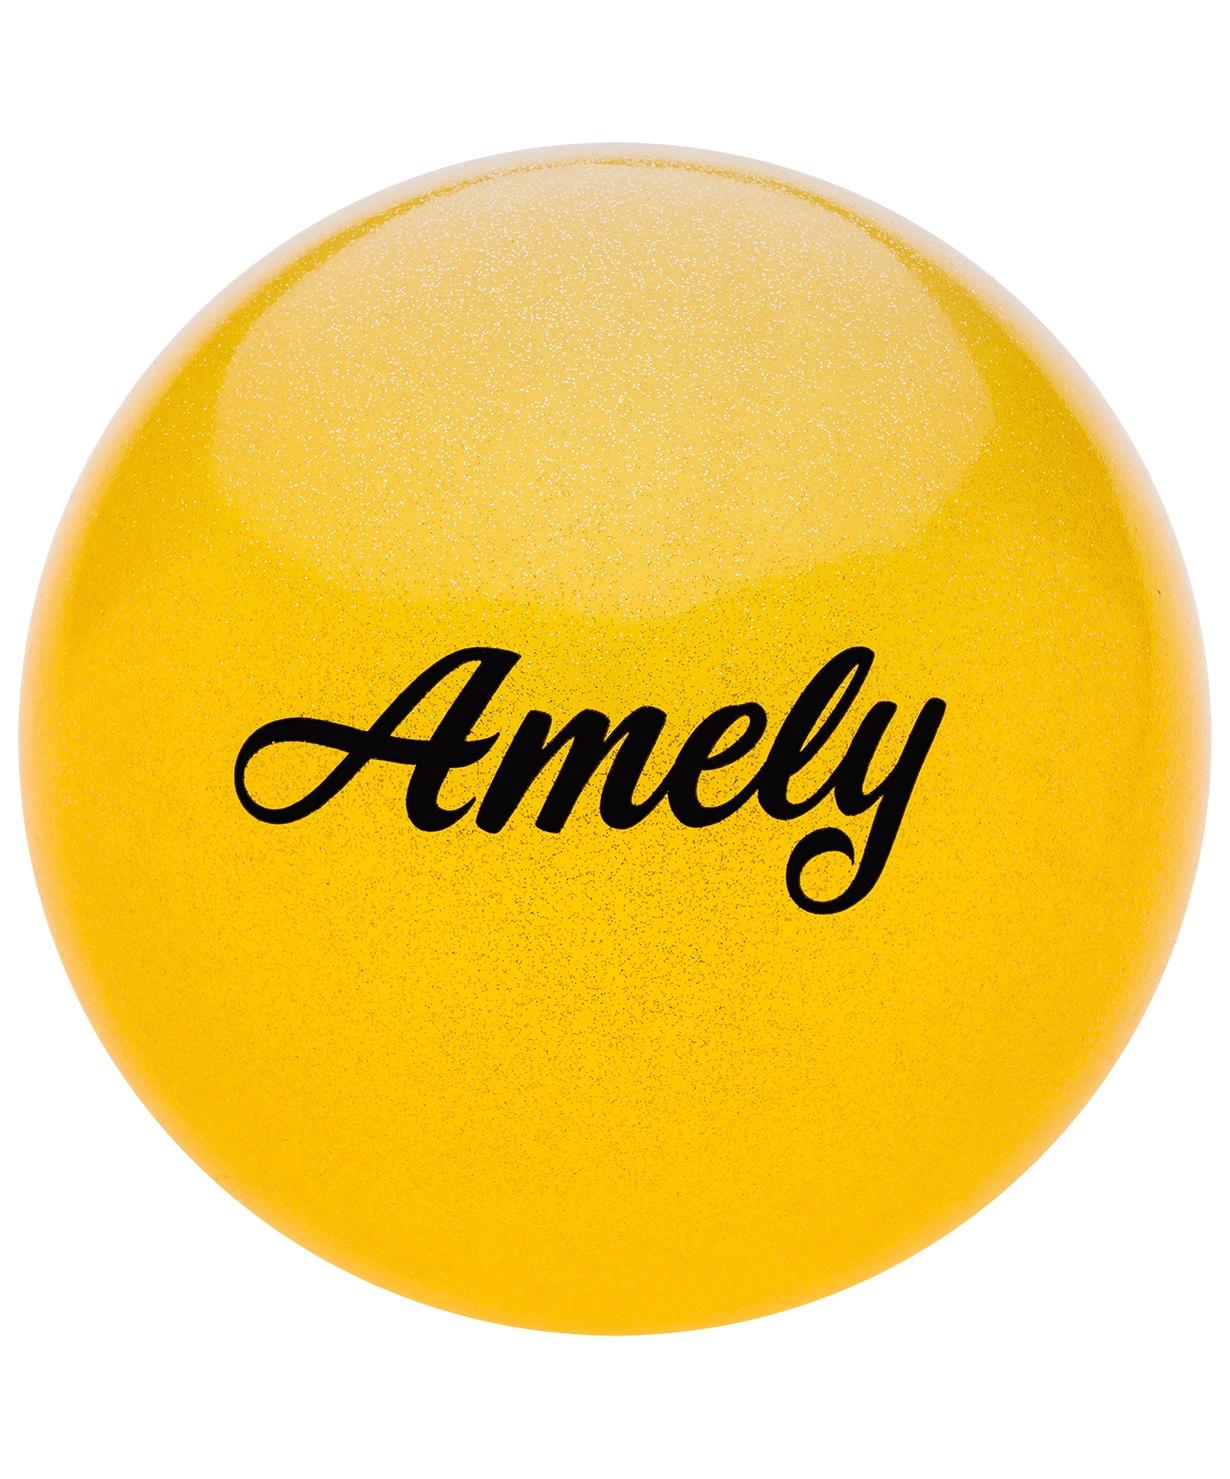 Мяч для художественной гимнастики Amely Agb-102, 15 см, желтый, с блестками мяч для художественной гимнастики indigo силиконовый цвет фуксия диаметр 15 см